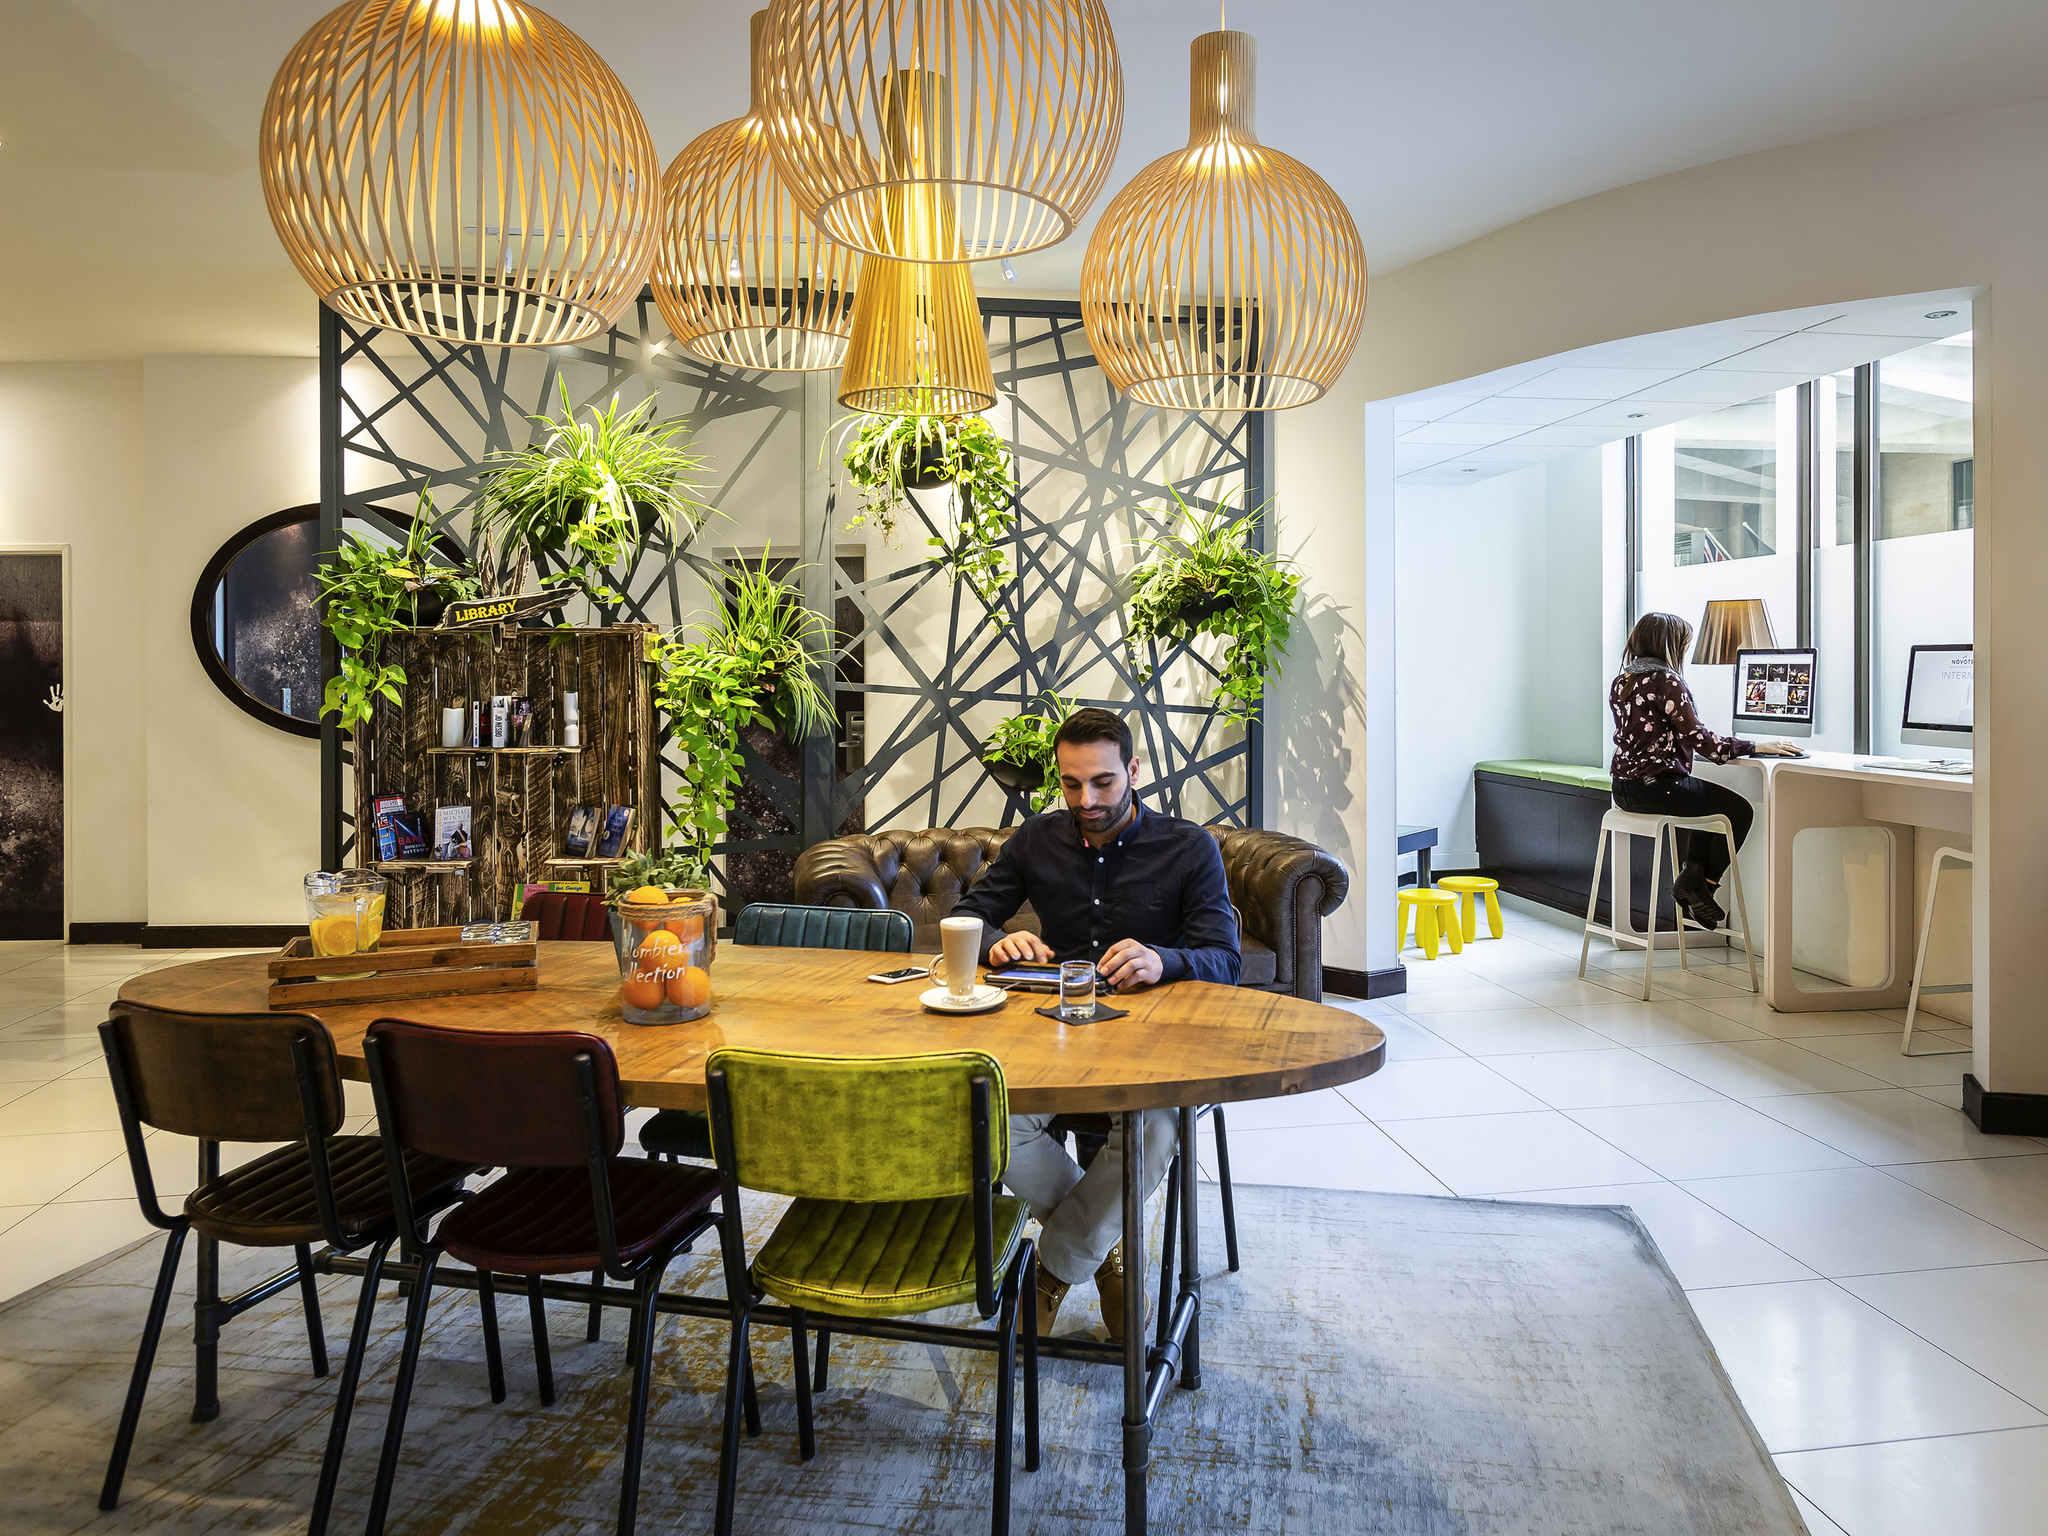 โรงแรม – โนโวเทล ลอนดอน ทาวเวอร์บริดจ์